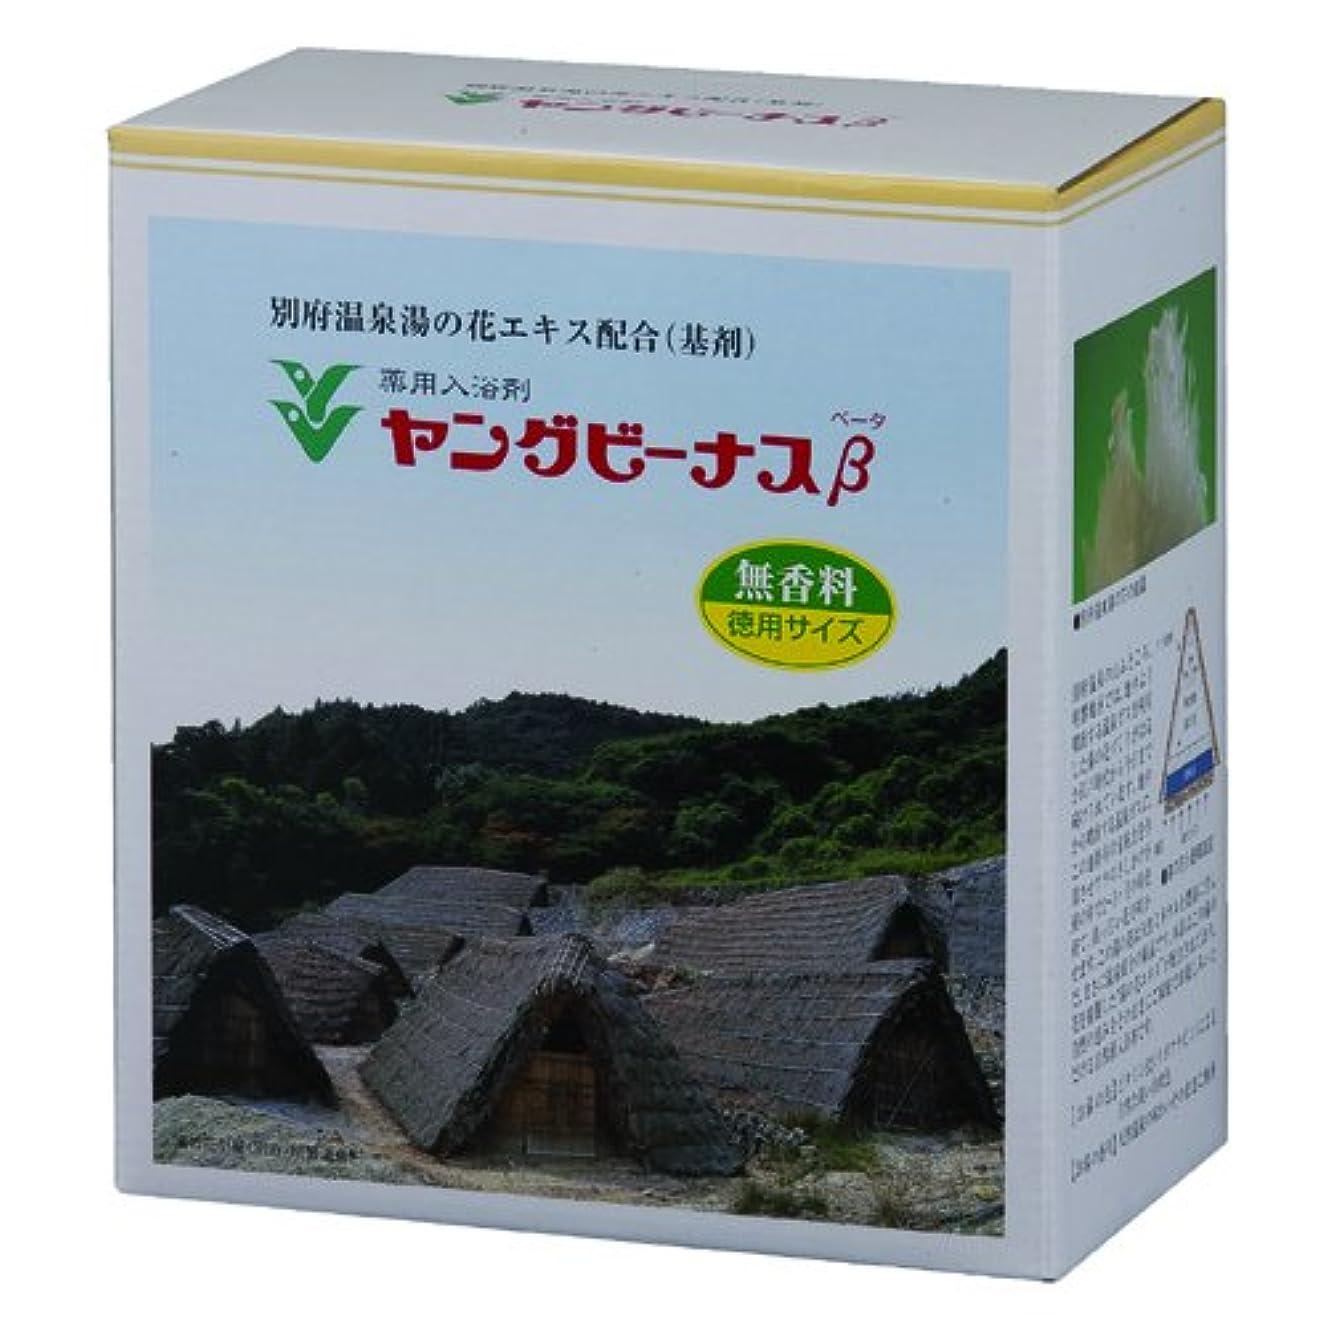 図評議会適切に薬用入浴剤 ヤングビーナスβ 徳用サイズCX-30β